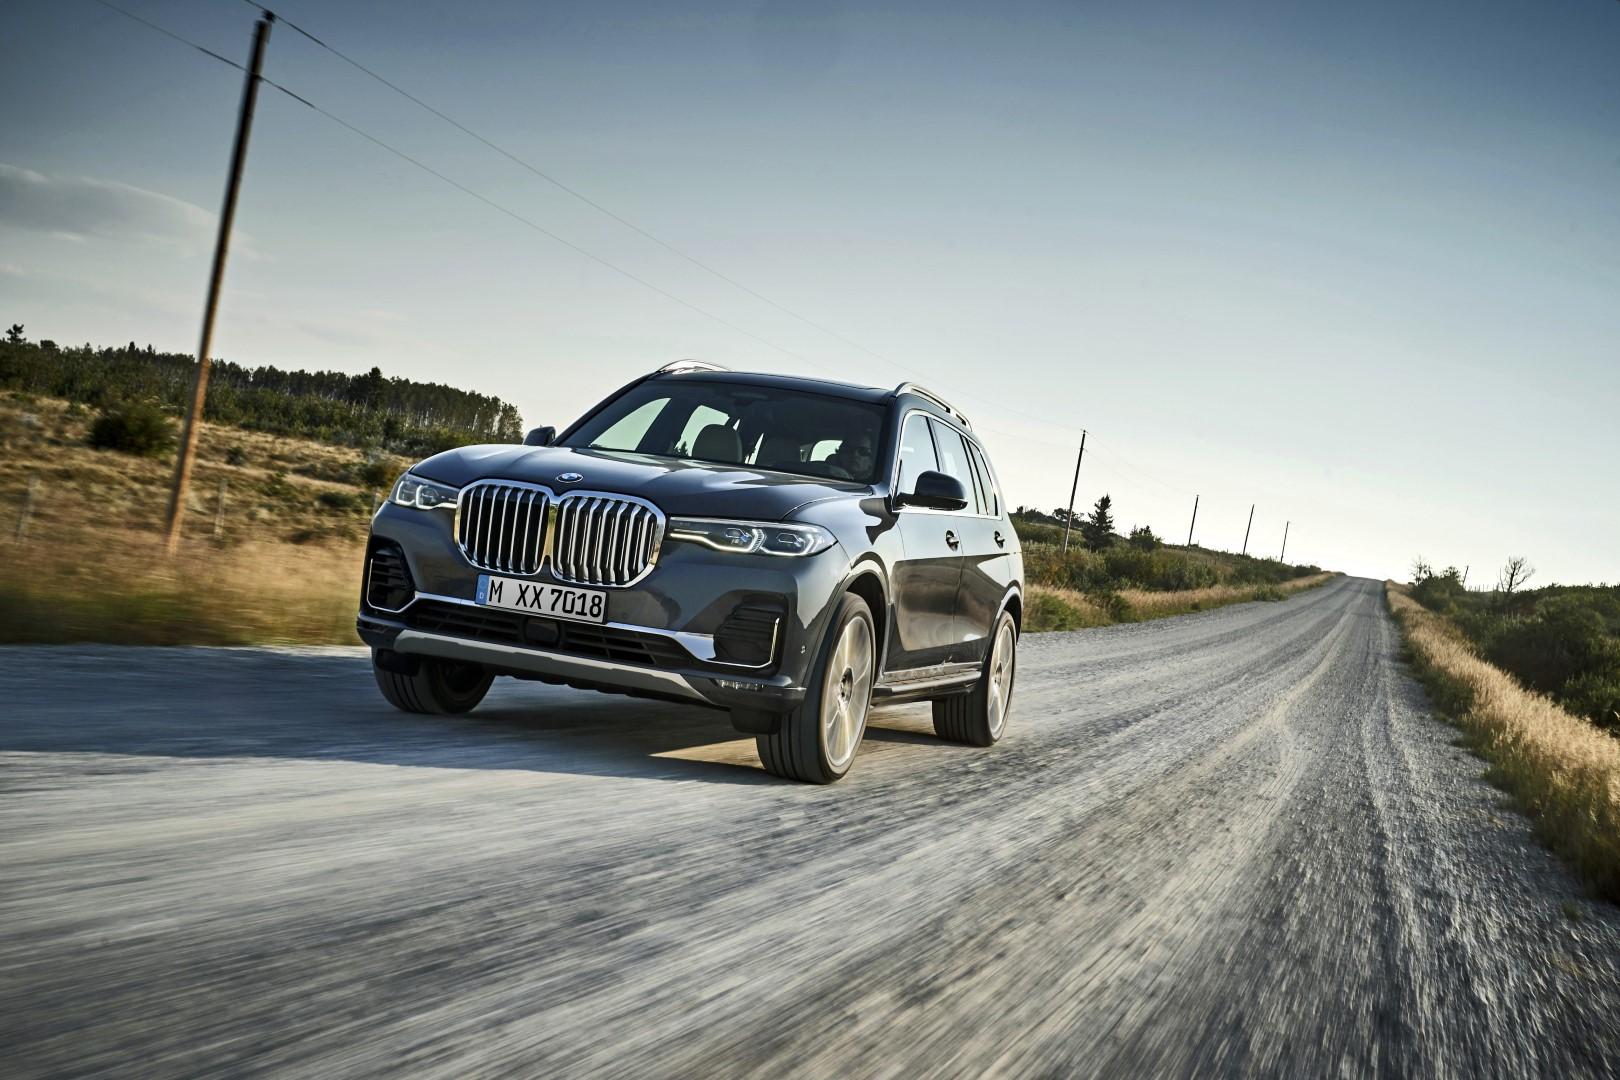 2019 BMW X7: Голем колку Cadillac Escalade, луксузен како Rolls Royce / МЕГА ГАЛЕРИЈА + ВИДЕО